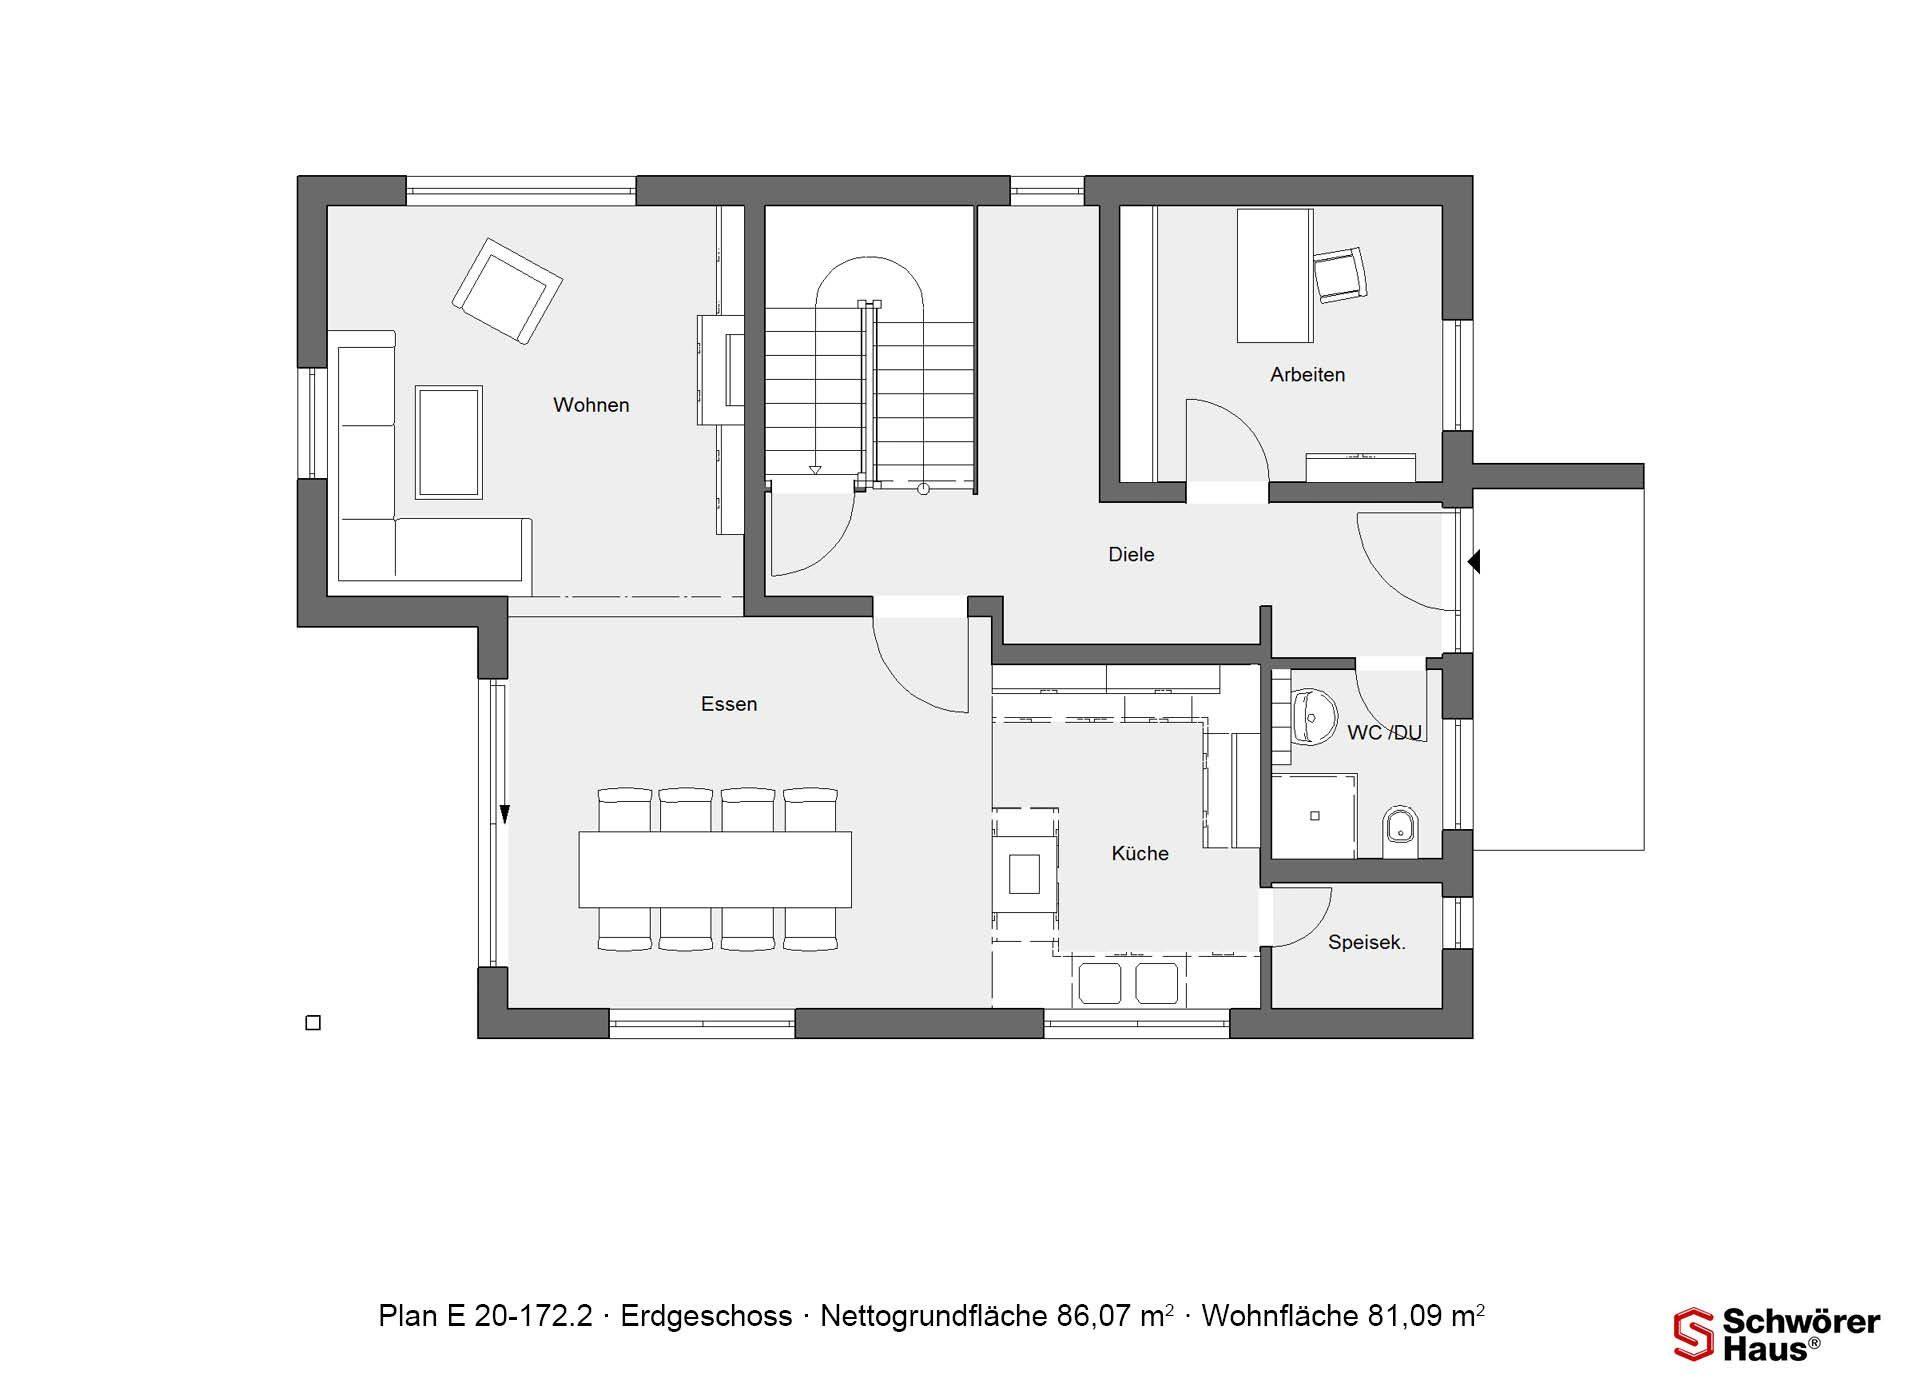 Plan E 15-164.1 - Eine Nahaufnahme eines Geräts - Gebäudeplan